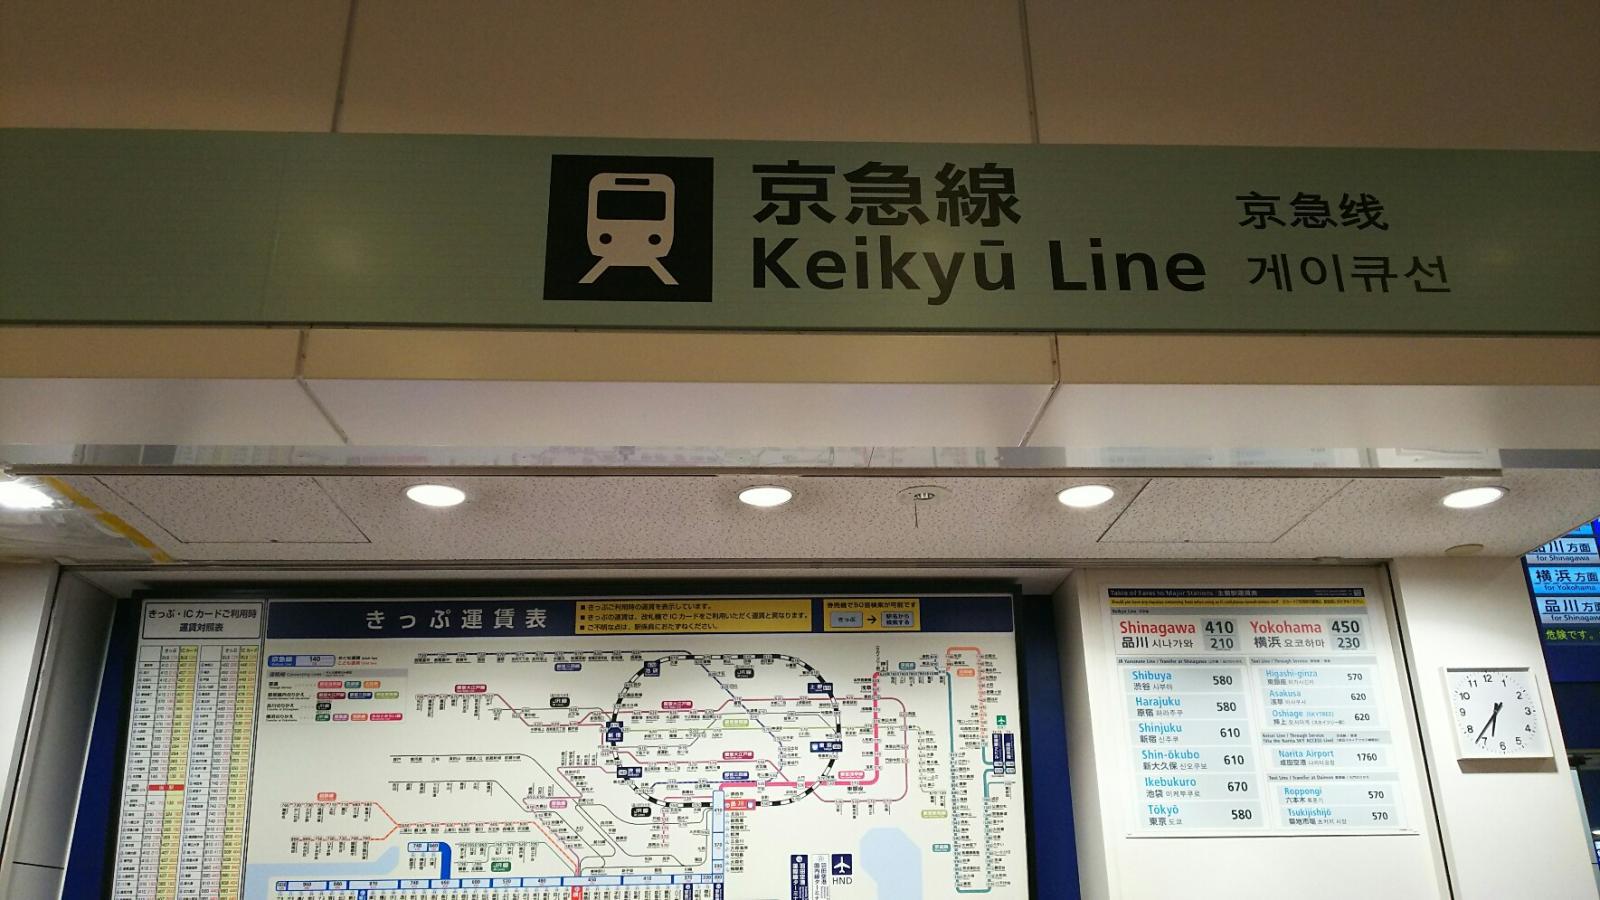 駅 羽田 三 空港 第 ターミナル 10月21日から羽田空港第3ターミナル駅の駅メロディが期間限定でハッピーバースデーになります